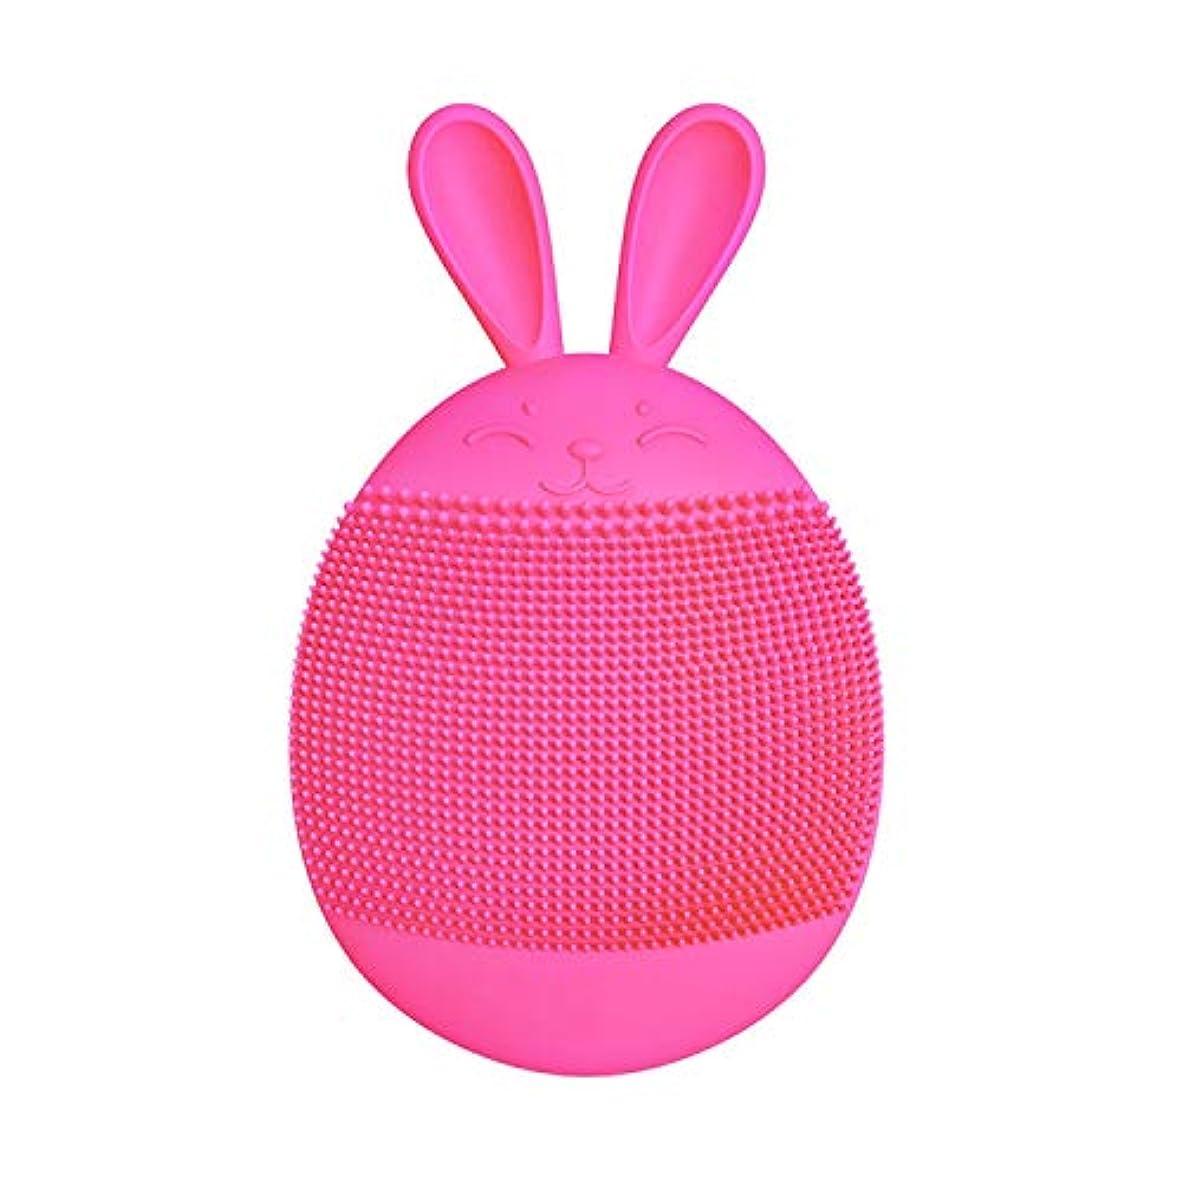 はぁダンス想像するクレンジングブラシ、シリコンハンドヘルド電動クレンジング楽器多機能ポータブル洗顔美容器具(ピンク),D